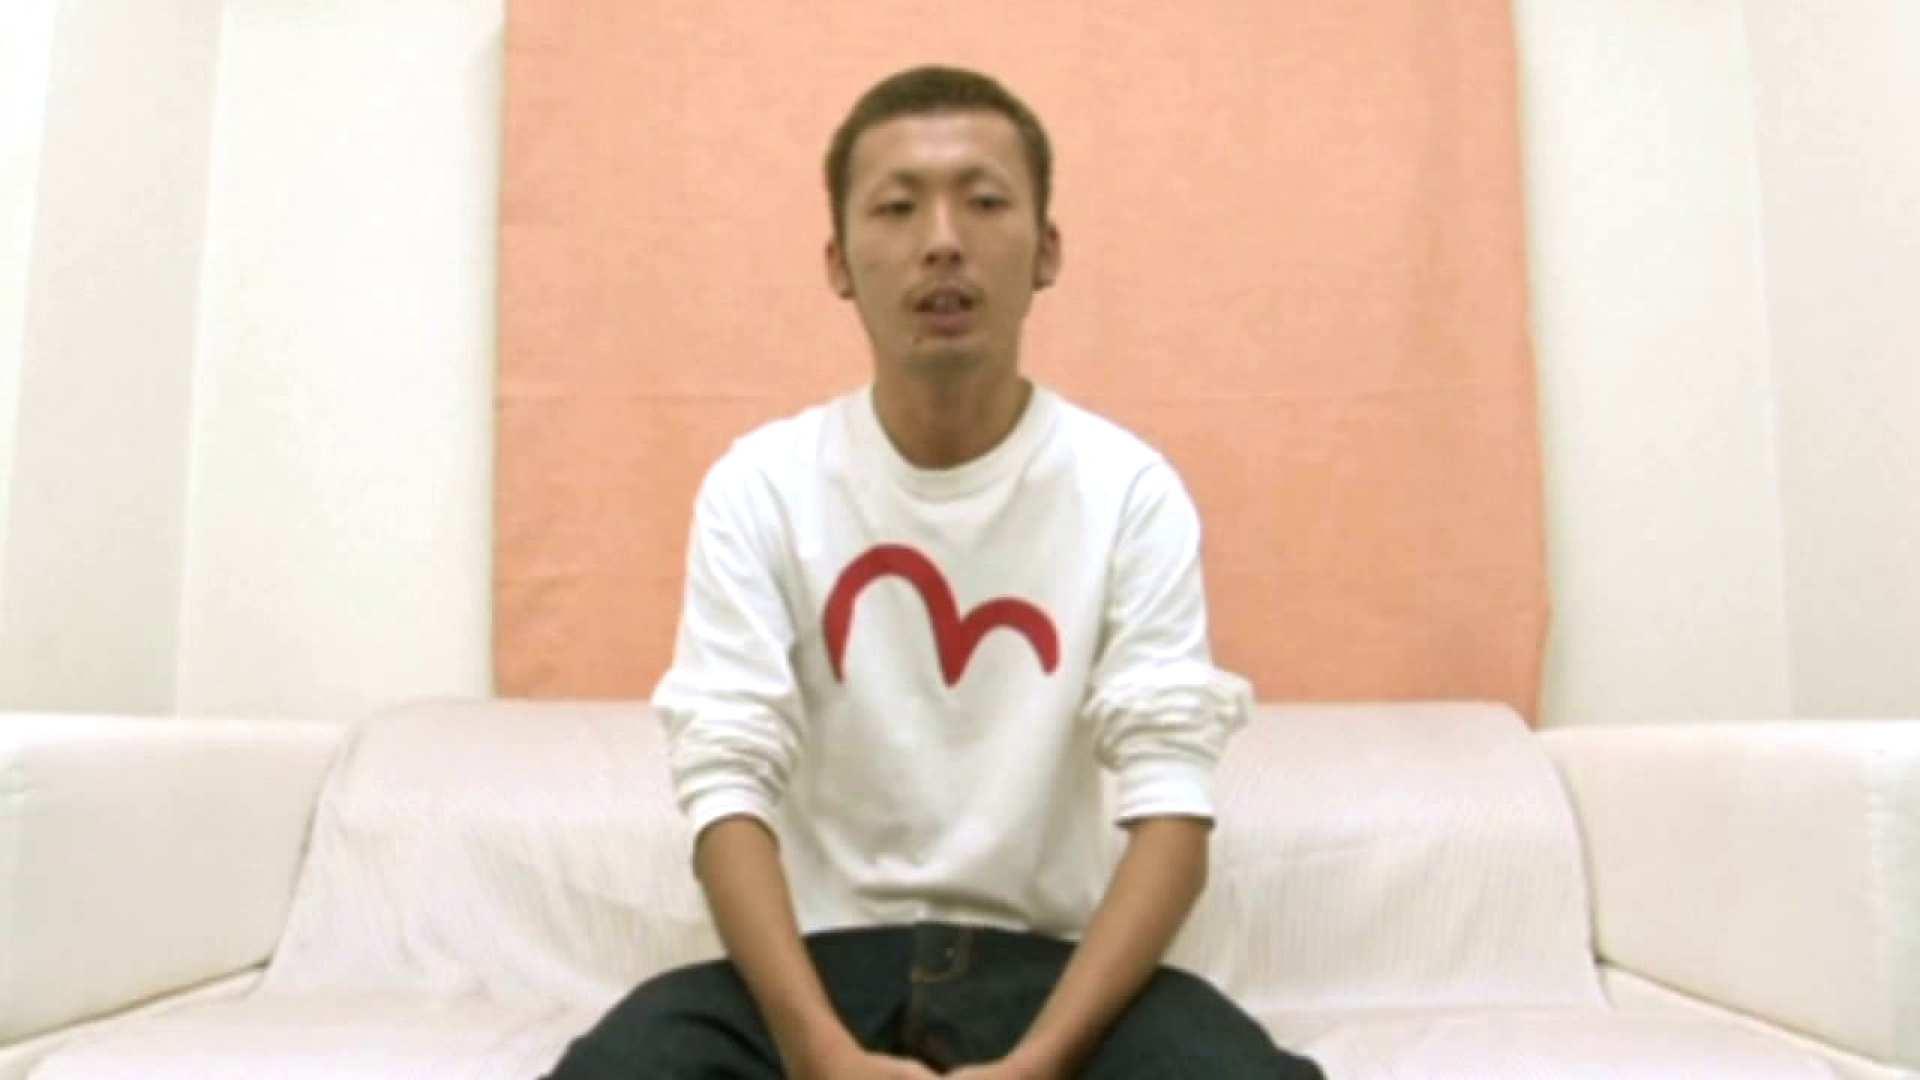 ノンケ!自慰スタジオ No.11 オナニー アダルトビデオ画像キャプチャ 88枚 4